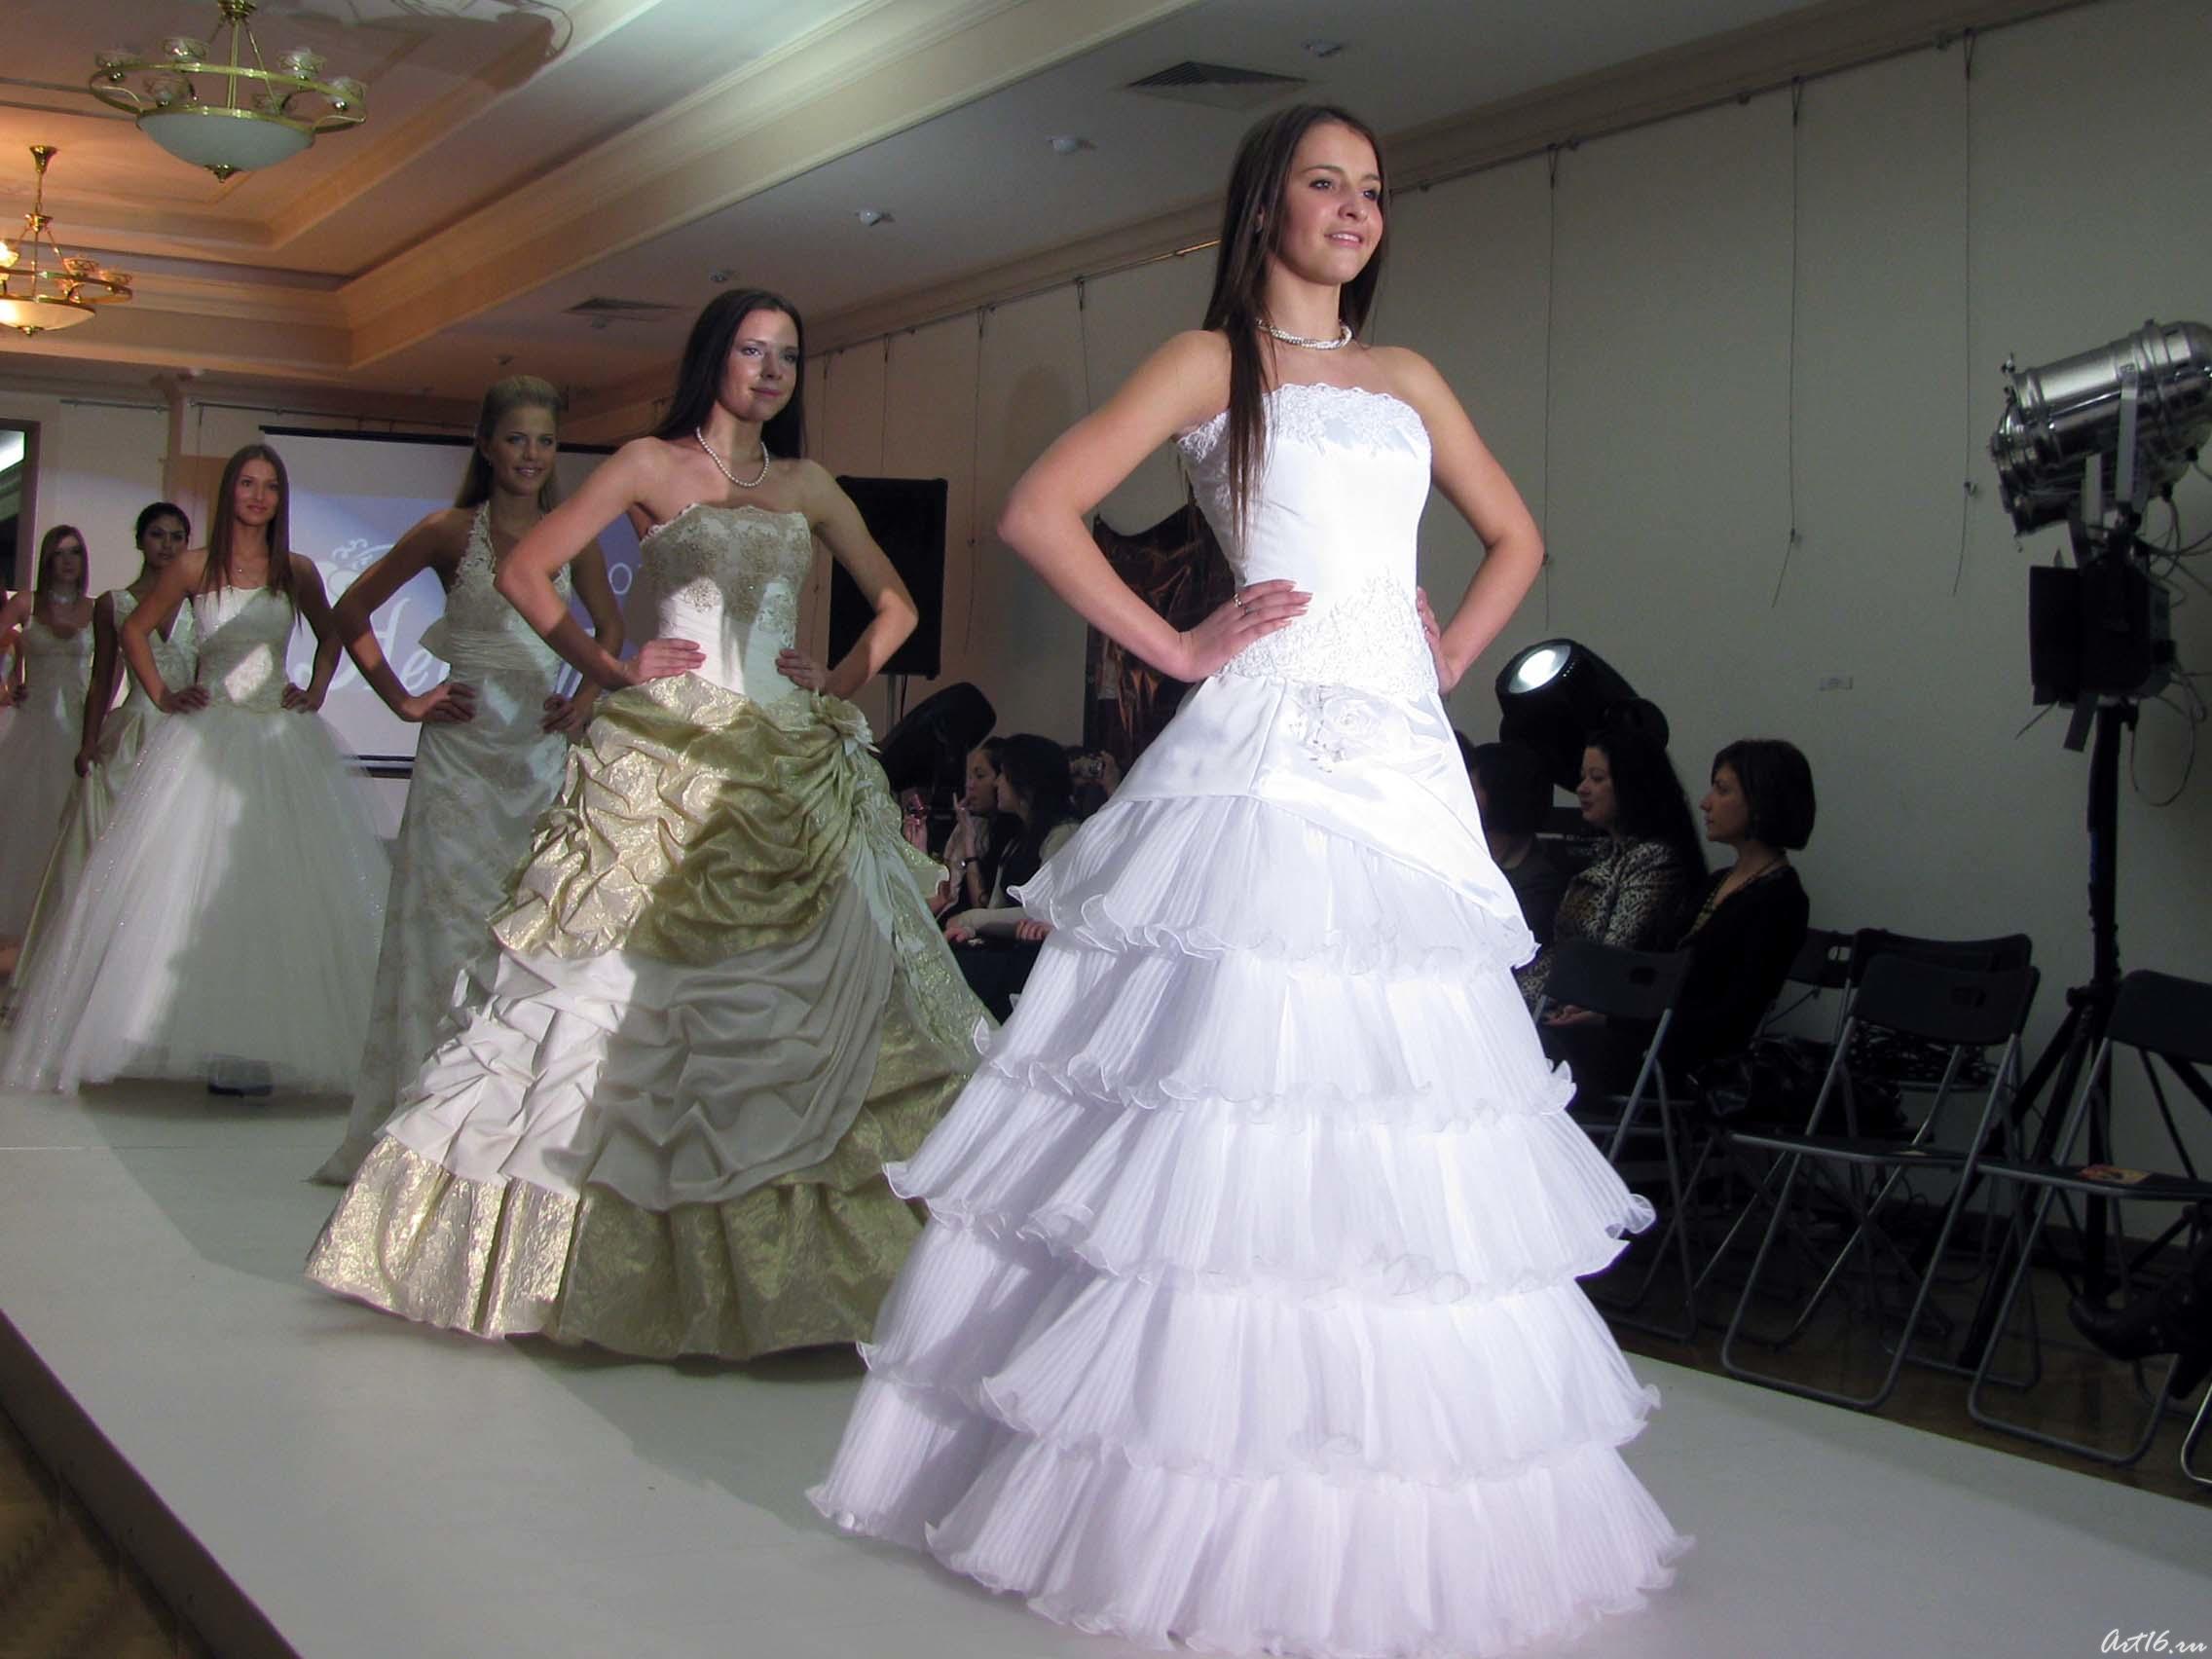 Конкурс на свадебном платье